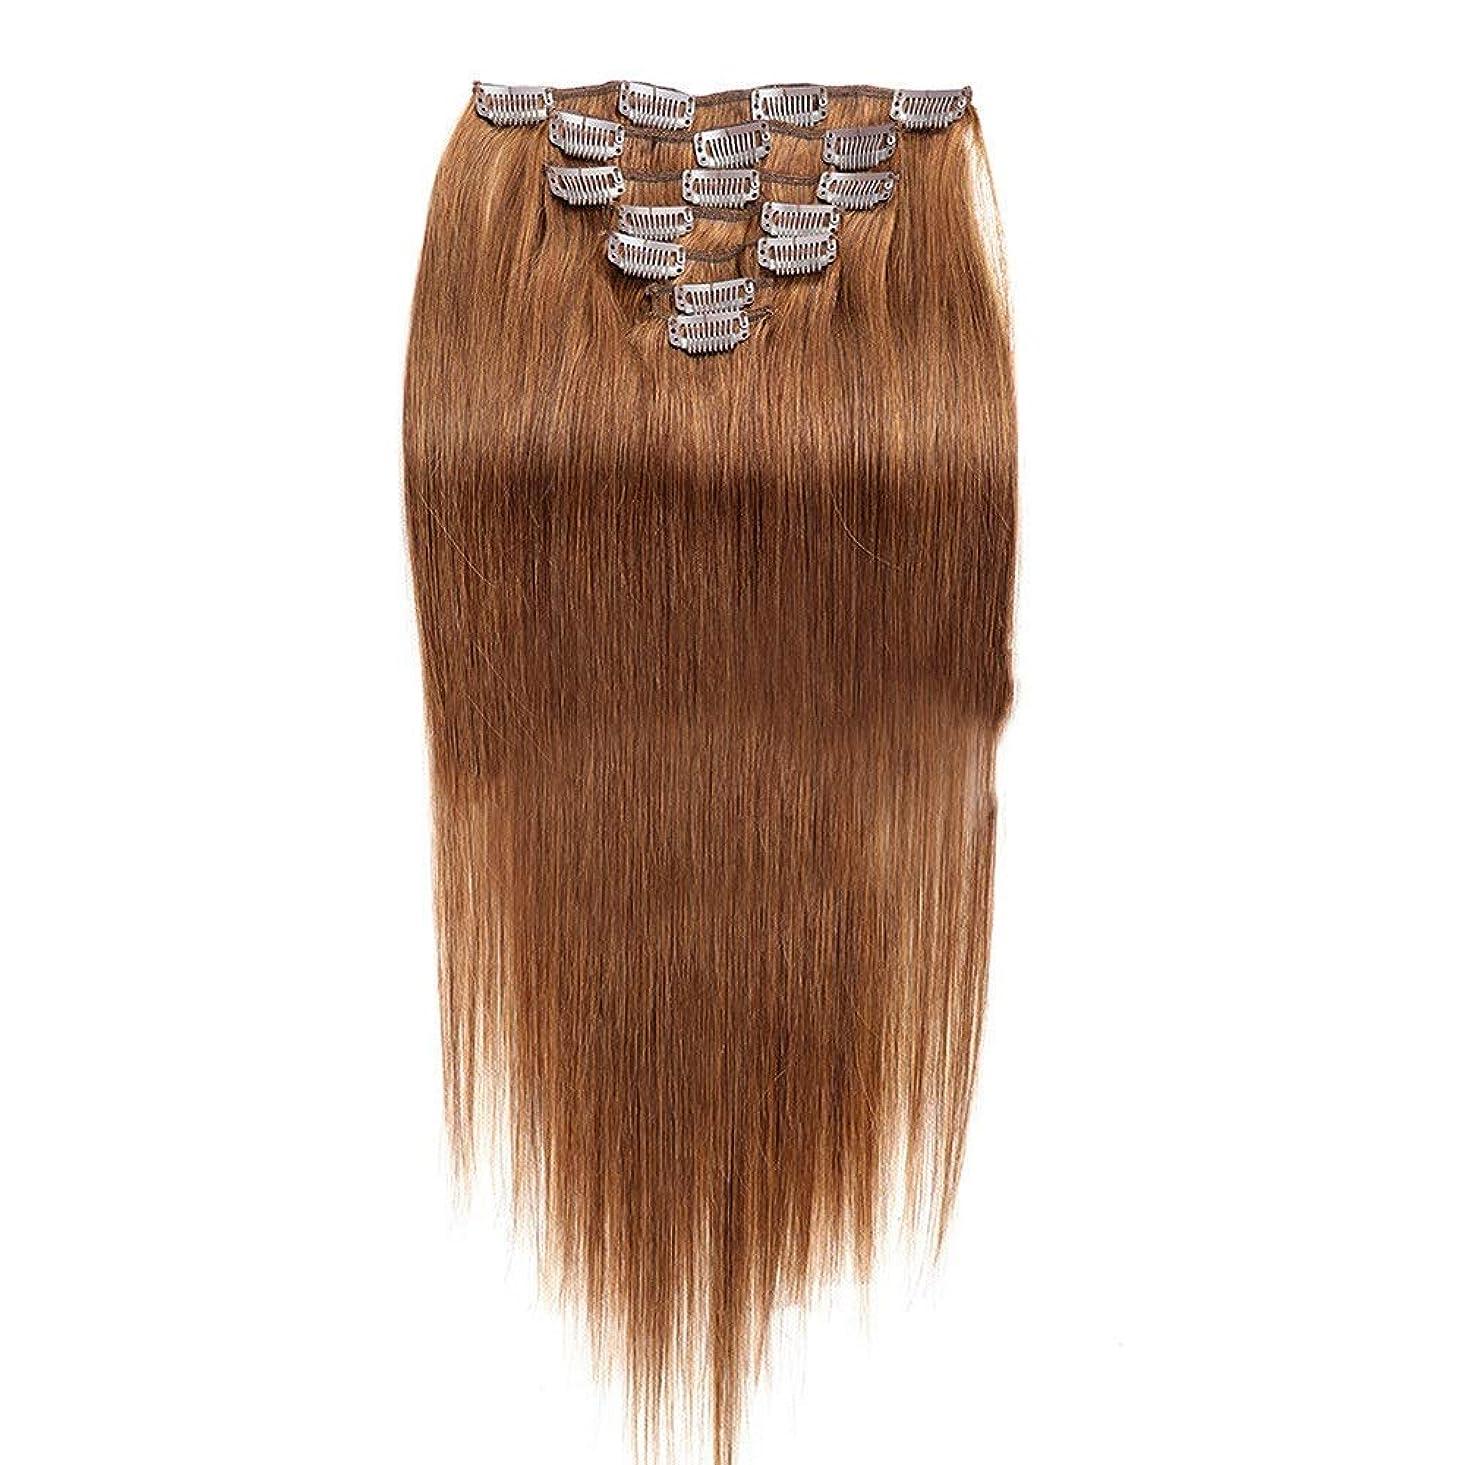 変化する絶壁レッスンBOBIDYEE 100%人毛用ヘアエクステンションダブル横糸フルヘッド(7個、#6ブラウン、20インチ、70g)かつら (色 : #6 Brown)